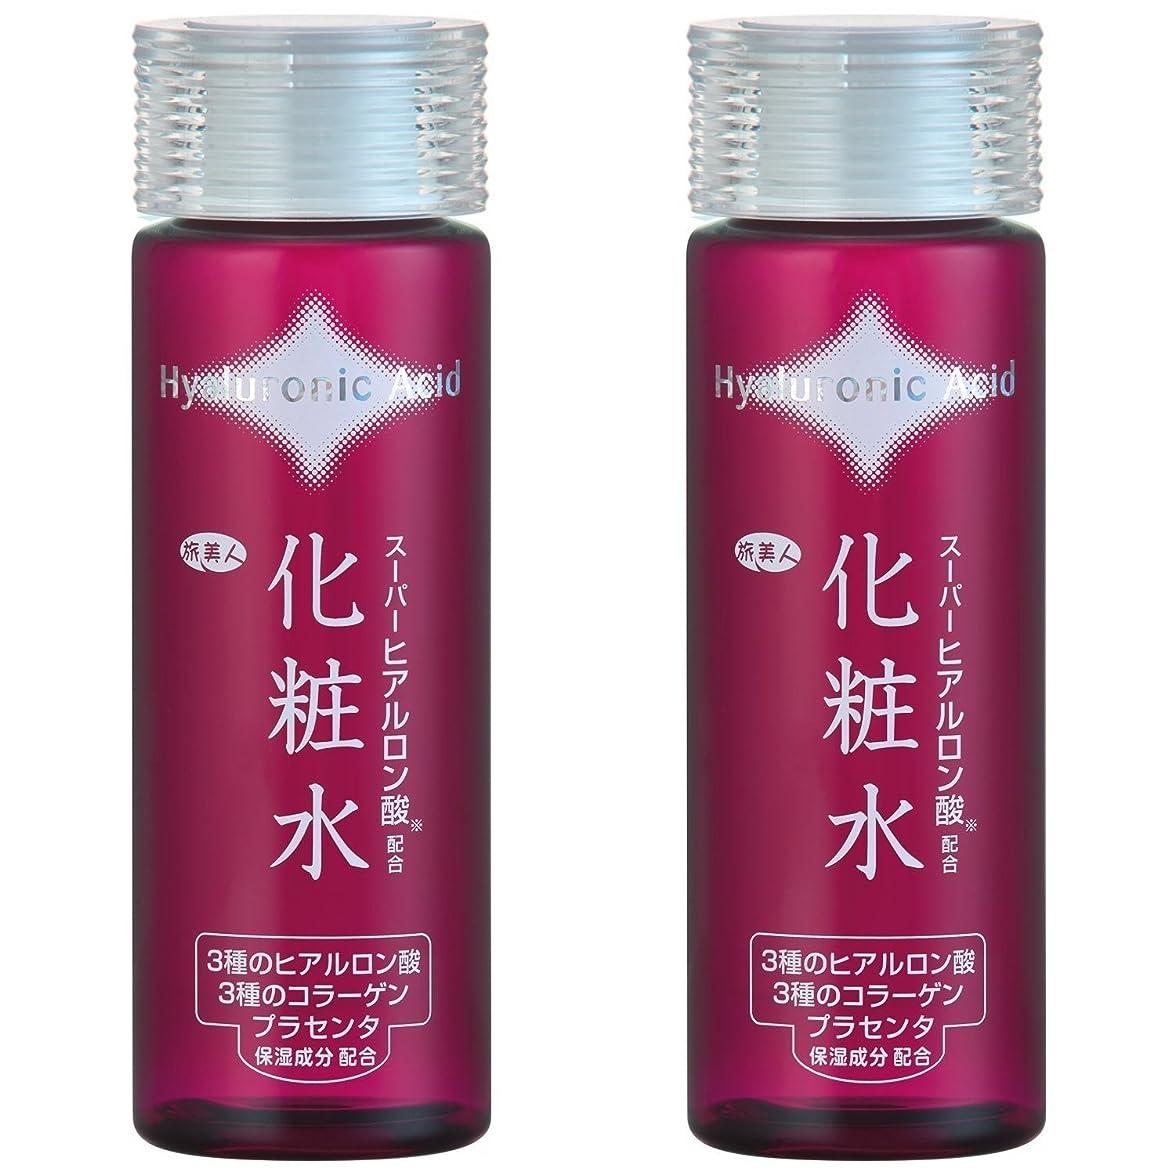 どこでも広告主含めるアズマ商事の スーパーヒアルロン酸配合 化粧水2本セット / 7種の整肌保湿成分を贅沢配合 旅美人